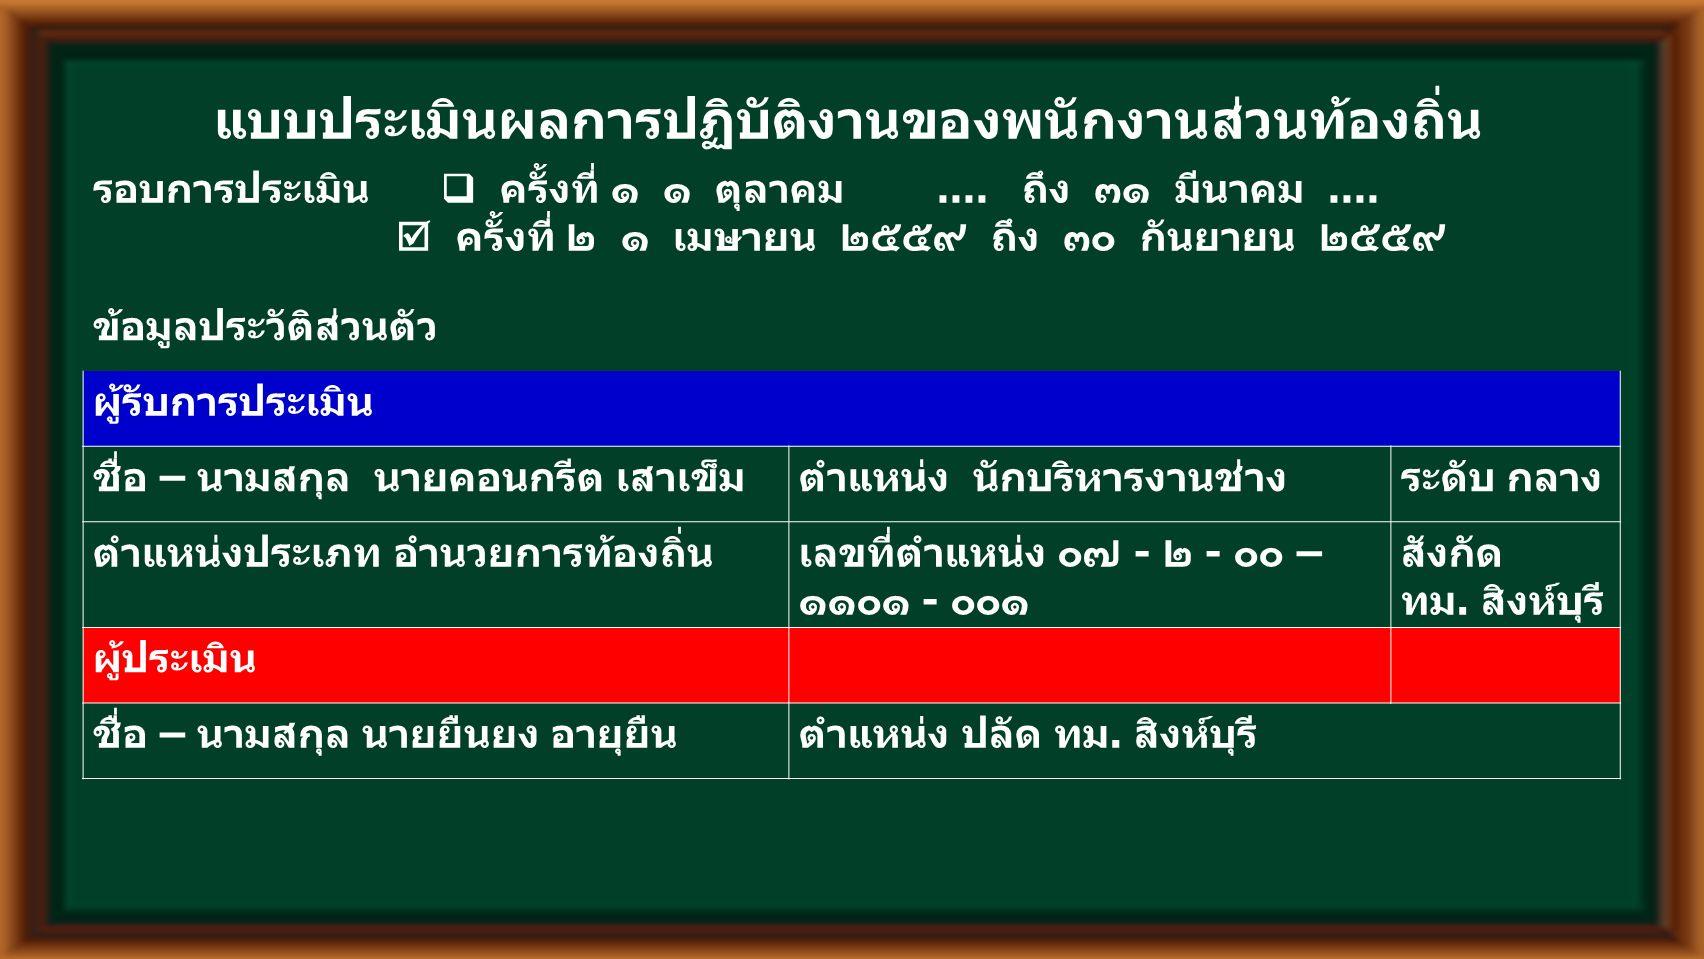 ส่วนที่ 1 ผลสัมฤทธิ์ของงาน ( ร้อยละ 70) โครงการ / งาน / กิจกรรม (1) น้ำห นัก (2) เป้าหมาย (3) คะแนนผลการปฏิบัติงาน (7) รวมคะแนน ผลการ ปฏิบัติงาน (11) ผลสัมฤทธิ์ของ งาน (12) = (2) x (11) 10 เหตุผลที่ ทำให้งาน สำเร็จ / ไม่ สำเร็จ (13) เชิง ปริมา ณ (4) เชิง คุณภา พ (5) เชิง ประโย ชน์ (6) เชิง ปริมาณ (8) เชิง คุณภา พ (9) เชิง ประโย ชน์ (10) 1.